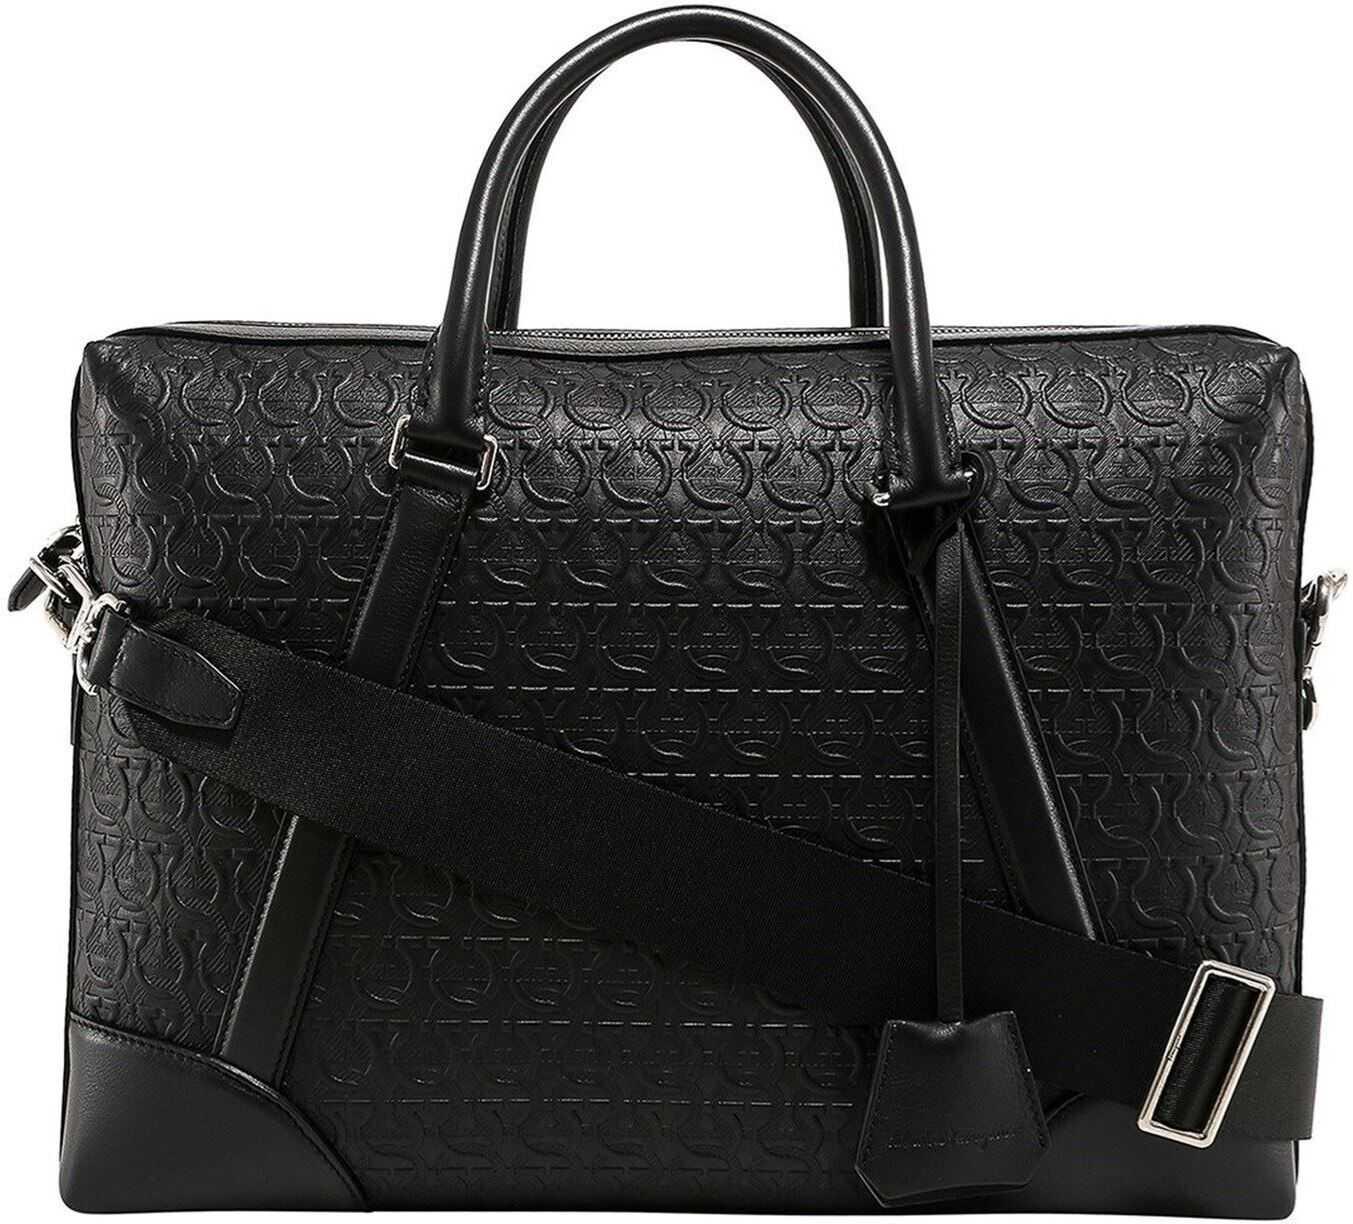 Salvatore Ferragamo Briefcase 723756 Black imagine b-mall.ro